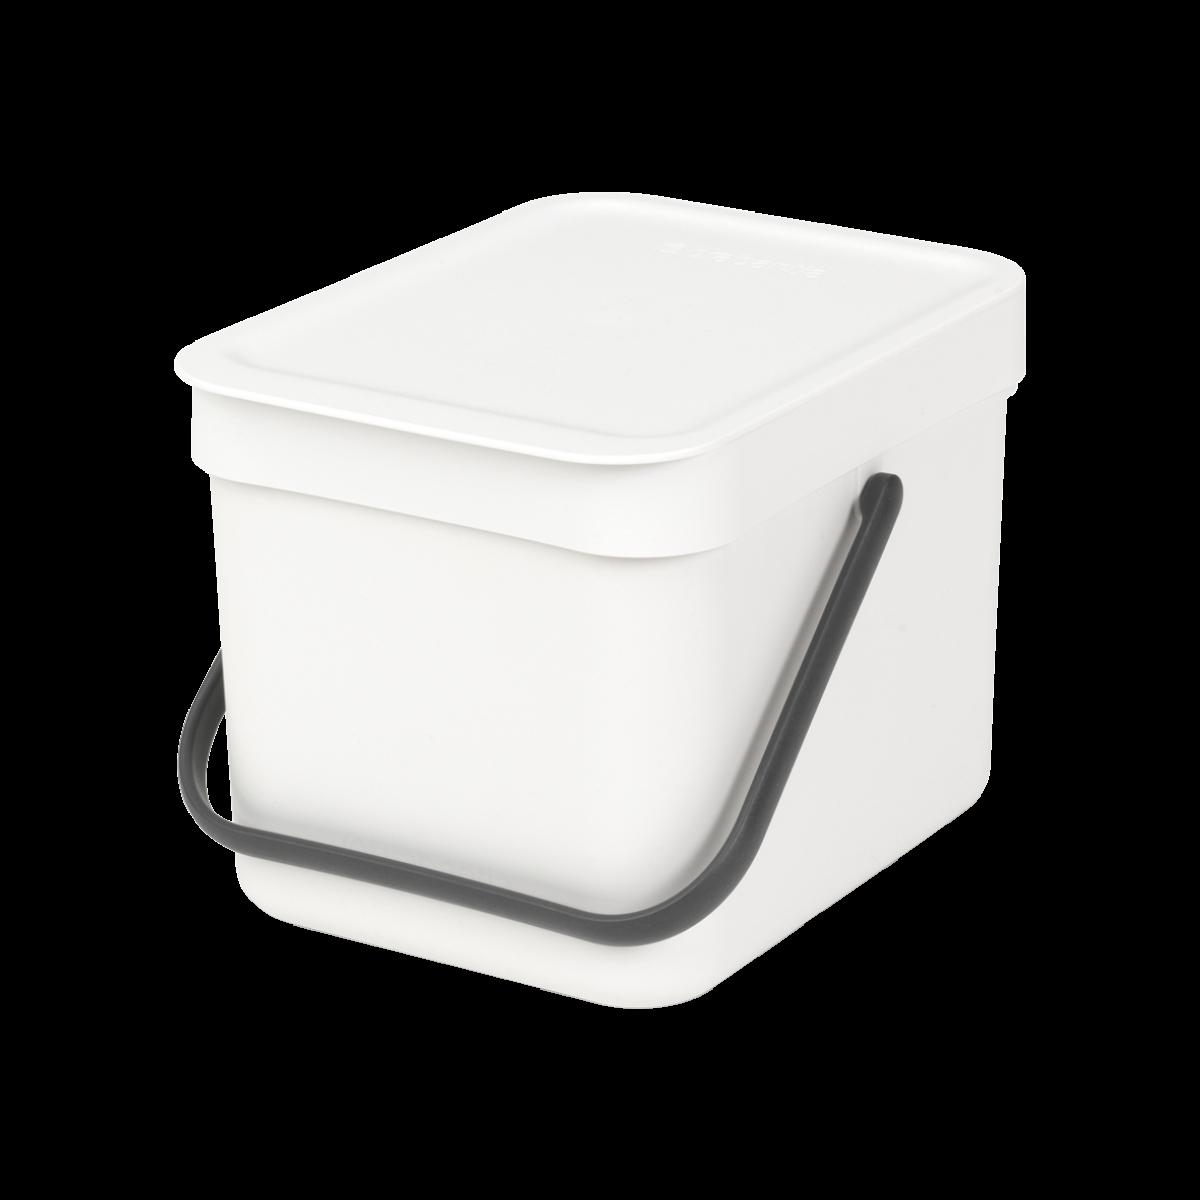 BRABANTIA Affaldsspand m/ låg - affaldssortering. 6 ltr. hvid